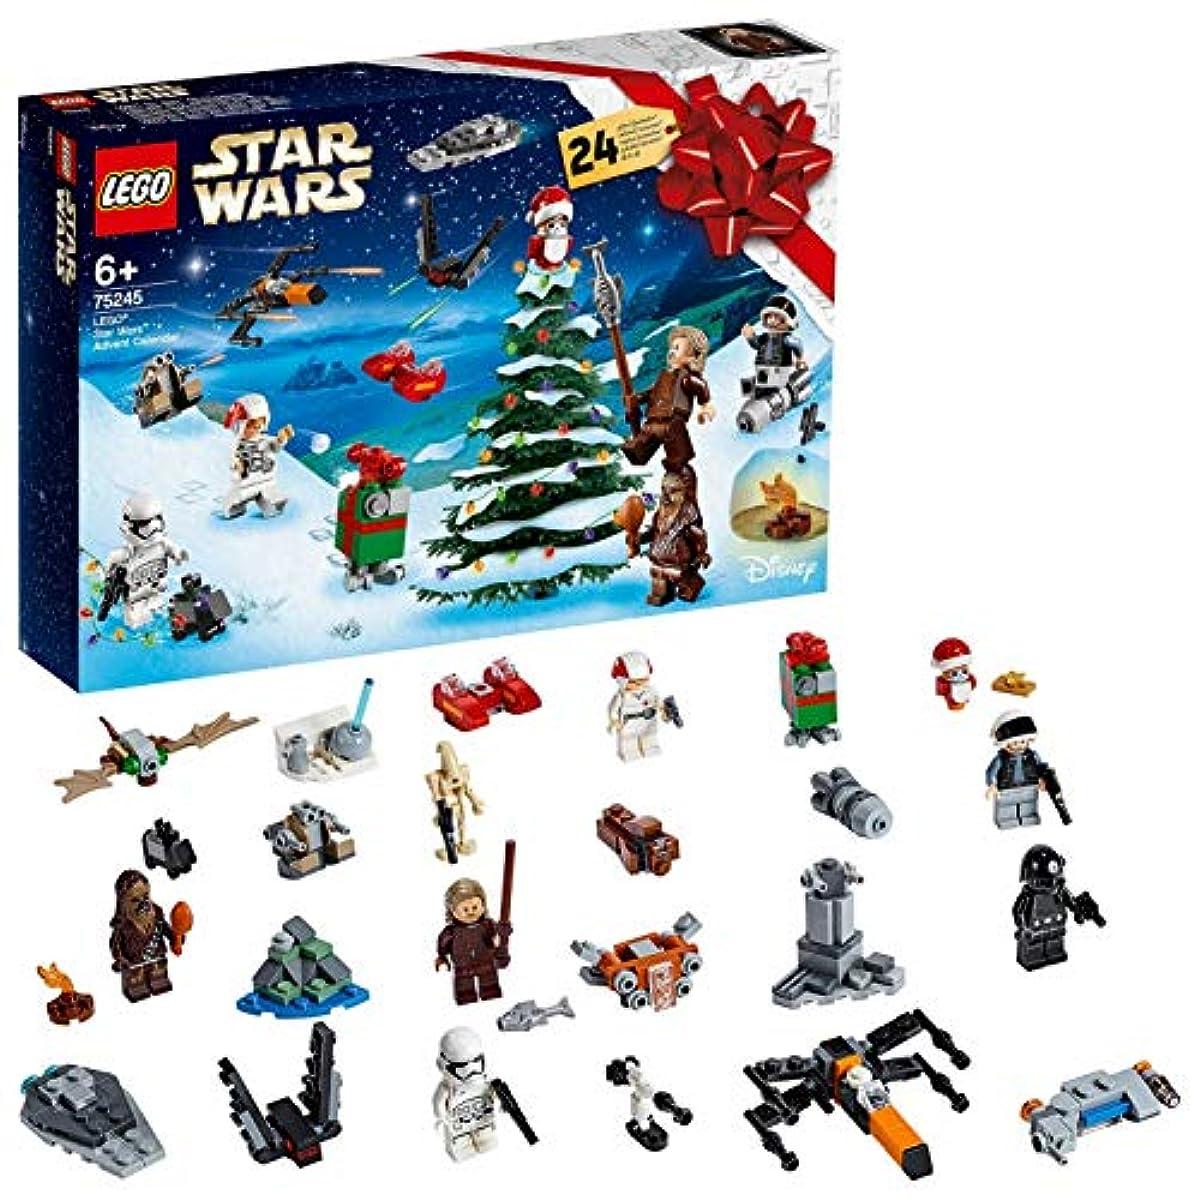 [해외] 레고(LEGO) 스타워즈 2019 어드밴트 75245